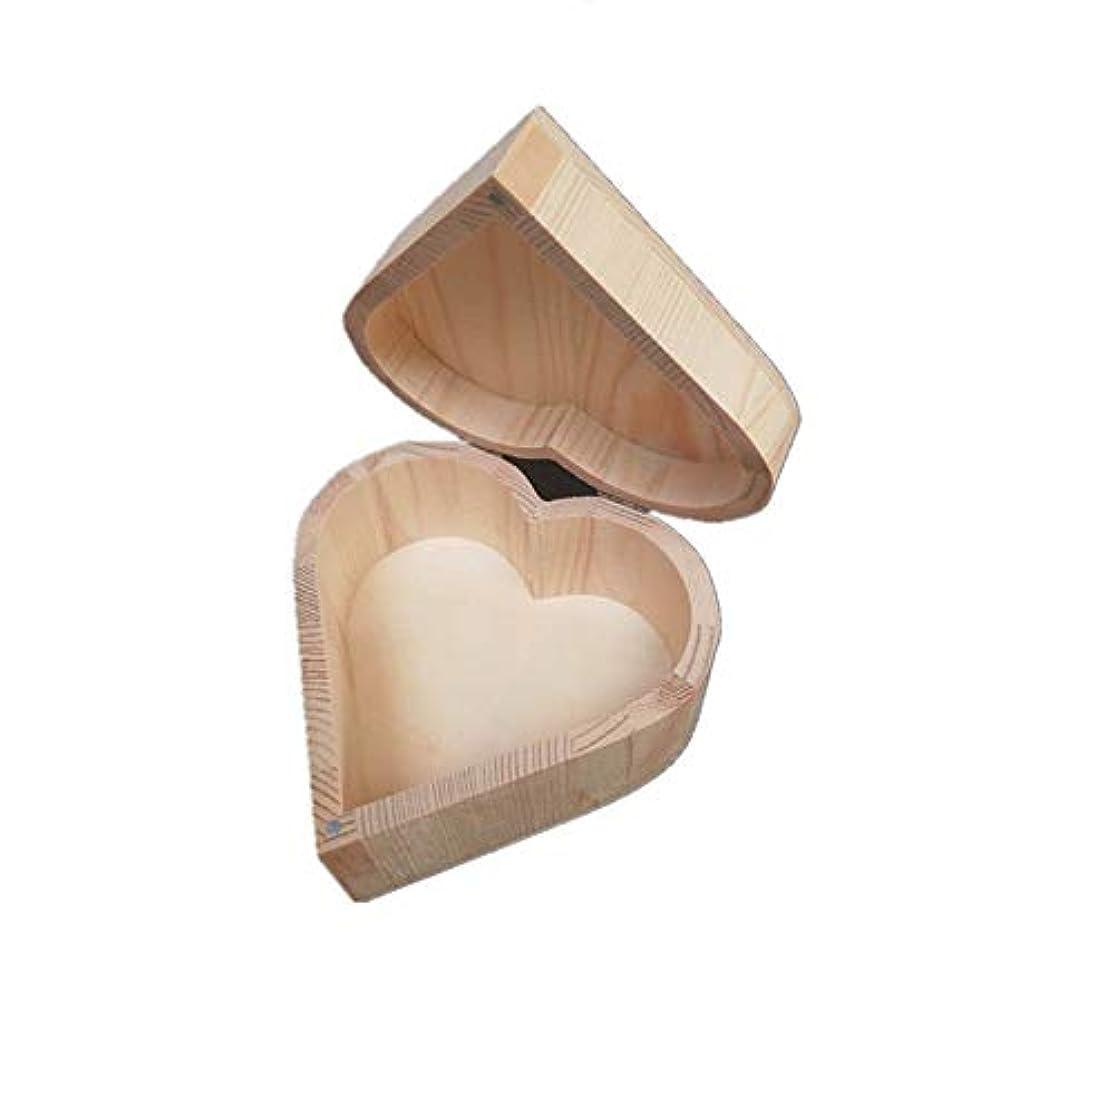 確認するヒューバートハドソン性的手作りハート木製のエッセンシャルオイルボックスパーフェクトエッセンシャルオイルケース アロマセラピー製品 (色 : Natural, サイズ : 13X13X7CM)